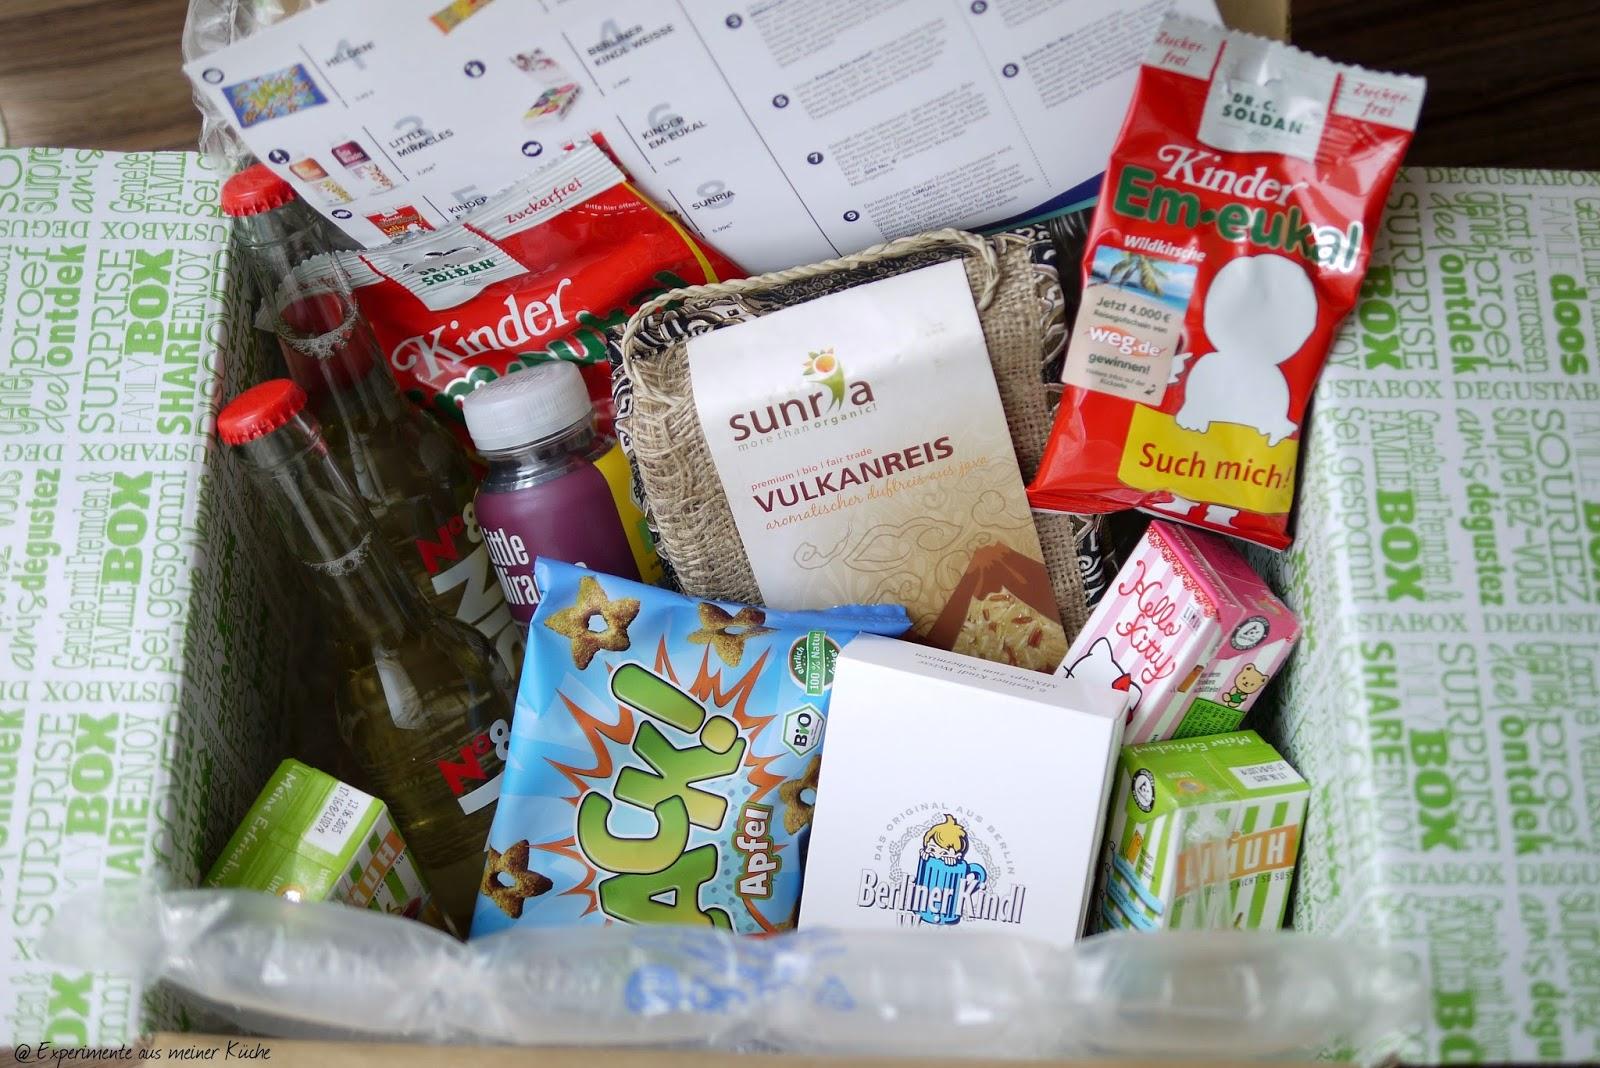 Experimente aus meiner Küche: Degustabox August